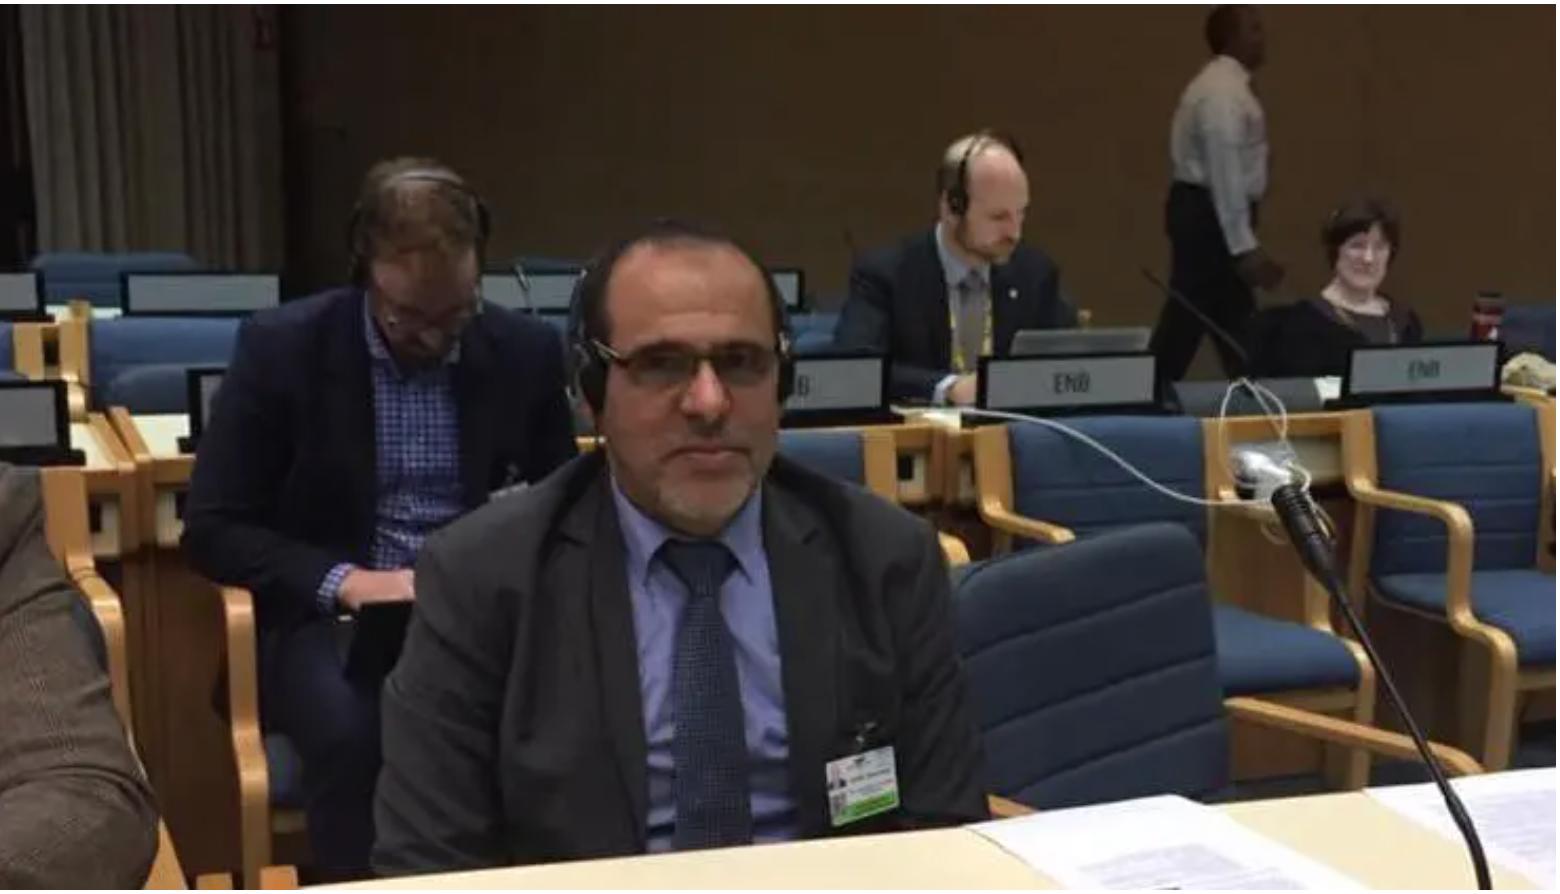 Un candidat mauritanien pour la direction générale de l'organisation arabe pour le développement agricole